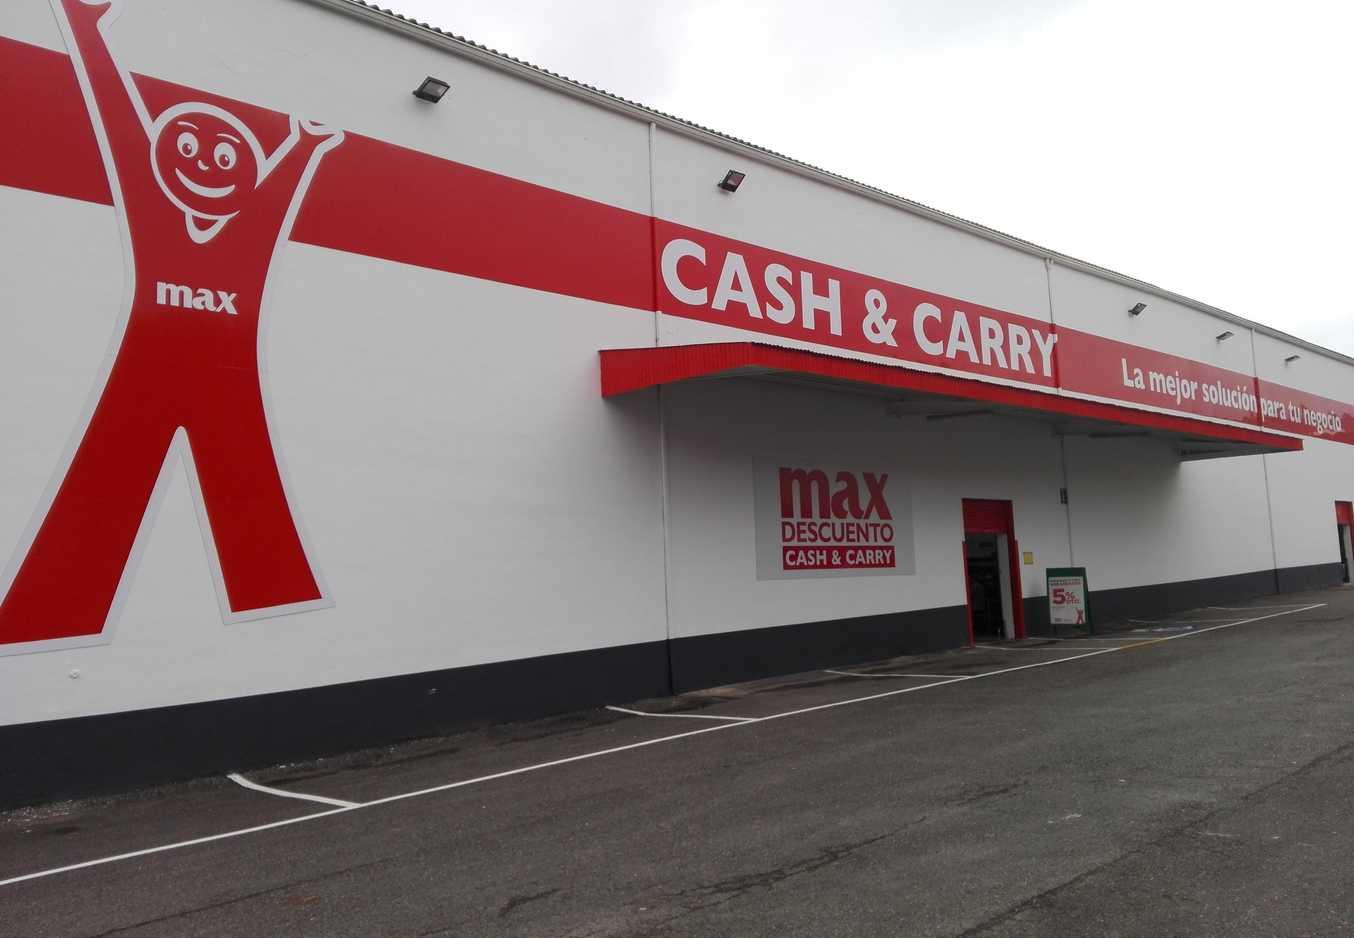 Supermercados regionales e internacionales preparan sus ofertas por el negocio de cash & carry de Dia.